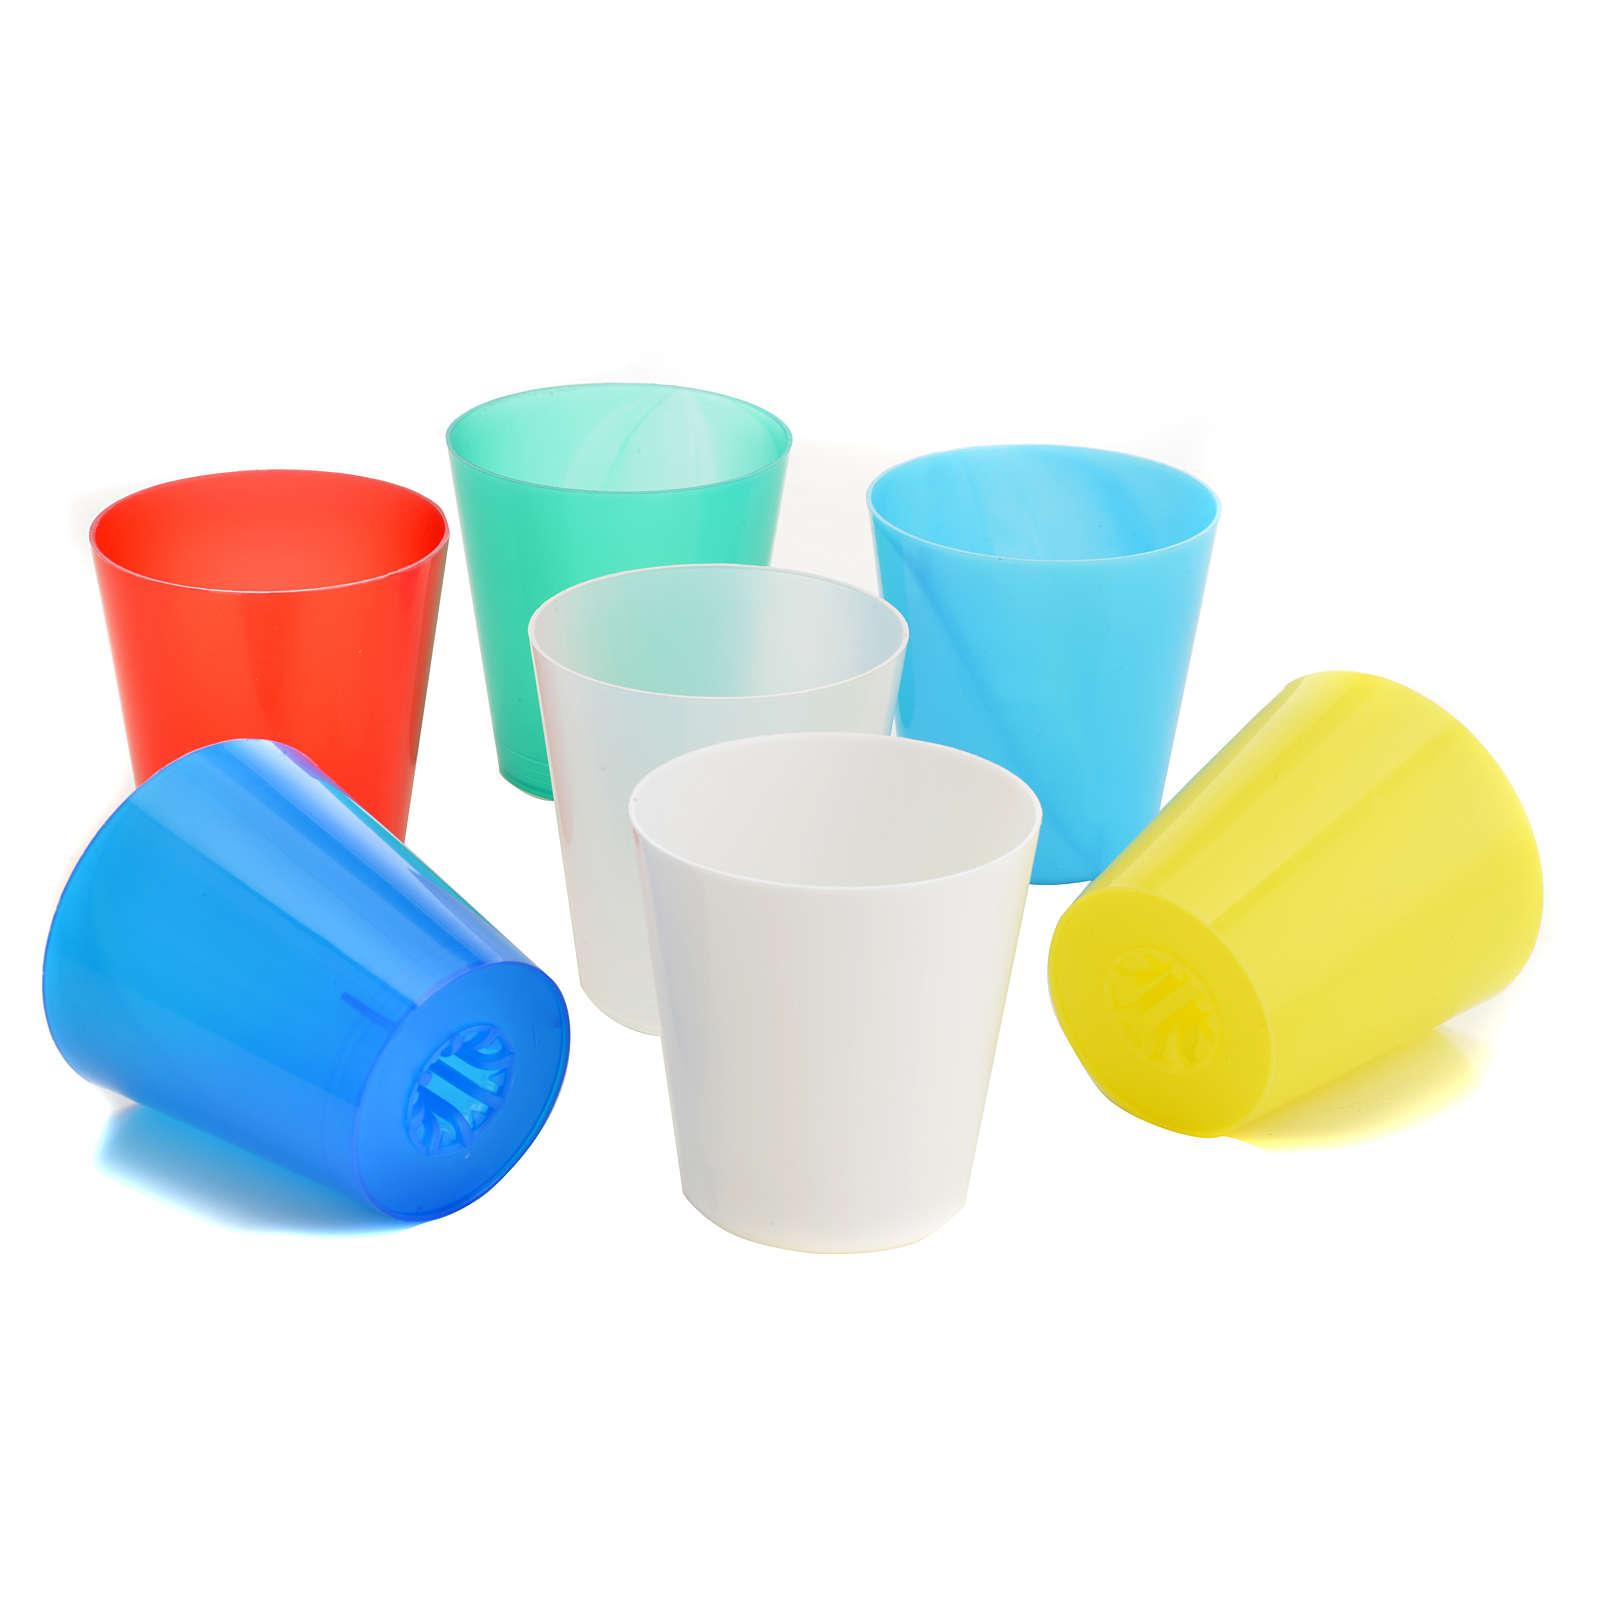 Tulipas de plástico de colores (30 unidades) 3